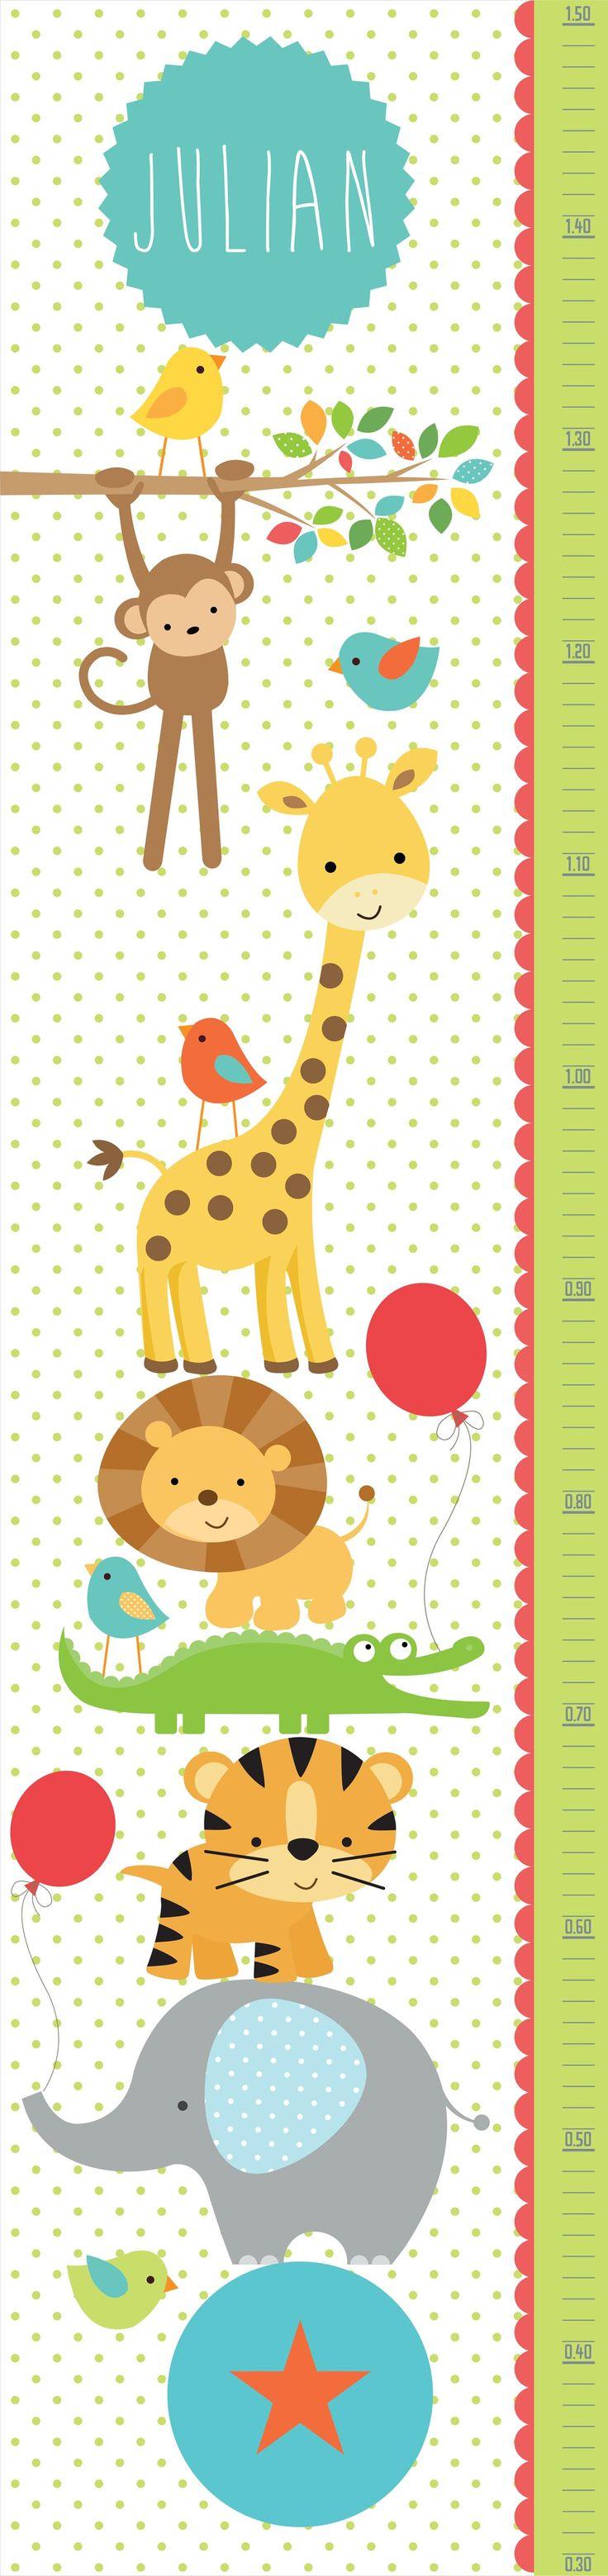 M 225 s de 1000 ideas sobre decoraciones de fiesta de safari en pinterest - Kit De Vinilo Decorativo Autoadhesivo Medidor Animales De La Selva Con Nombre Personalizado